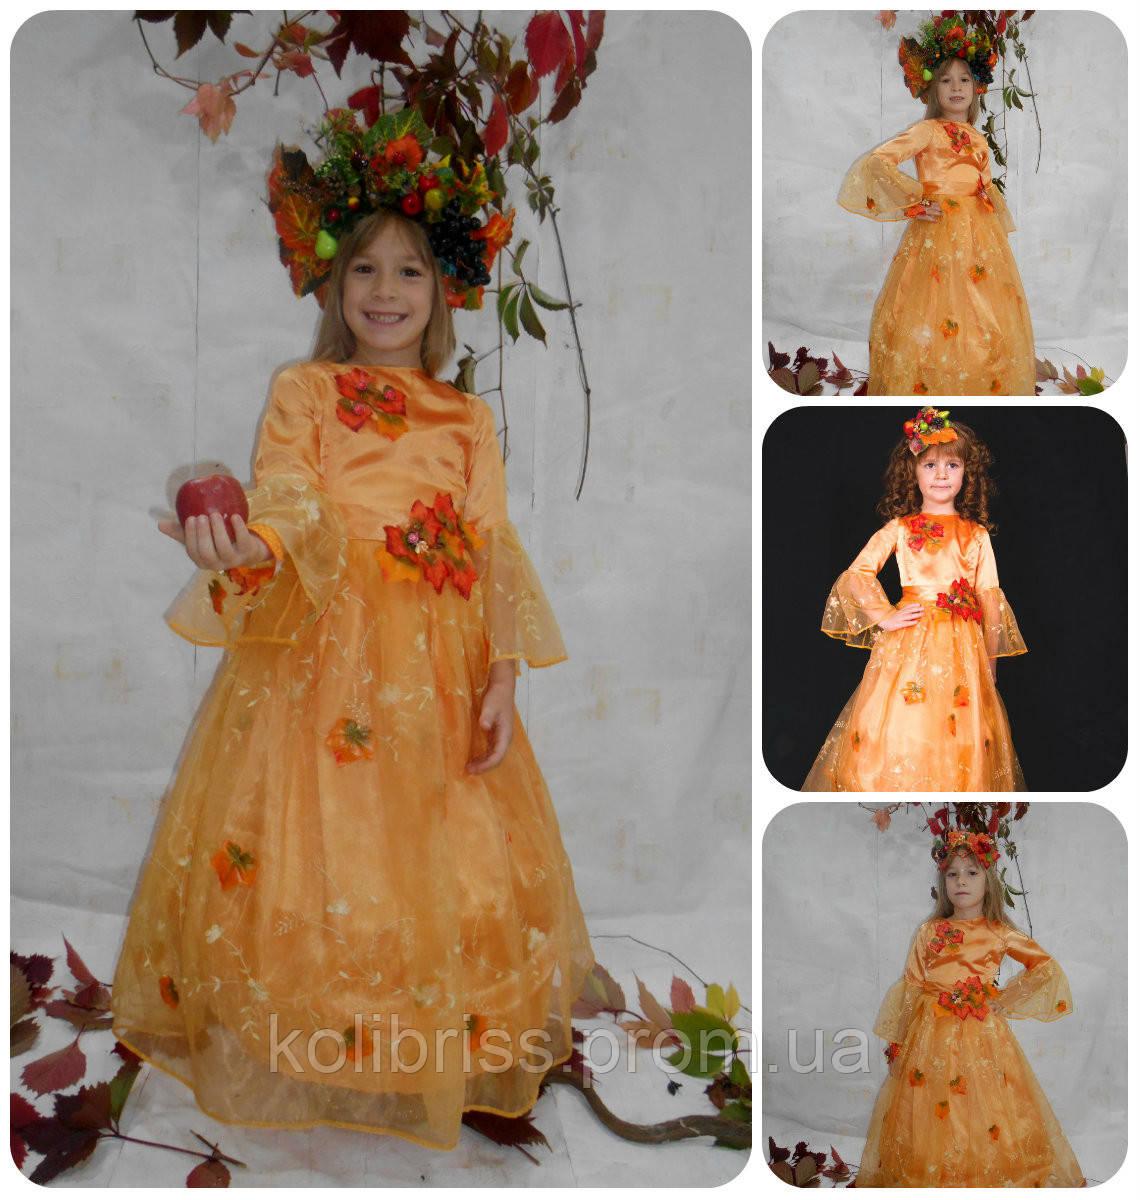 Шикарный костюм осень, золотая осень, костюм королевы ... - photo#1